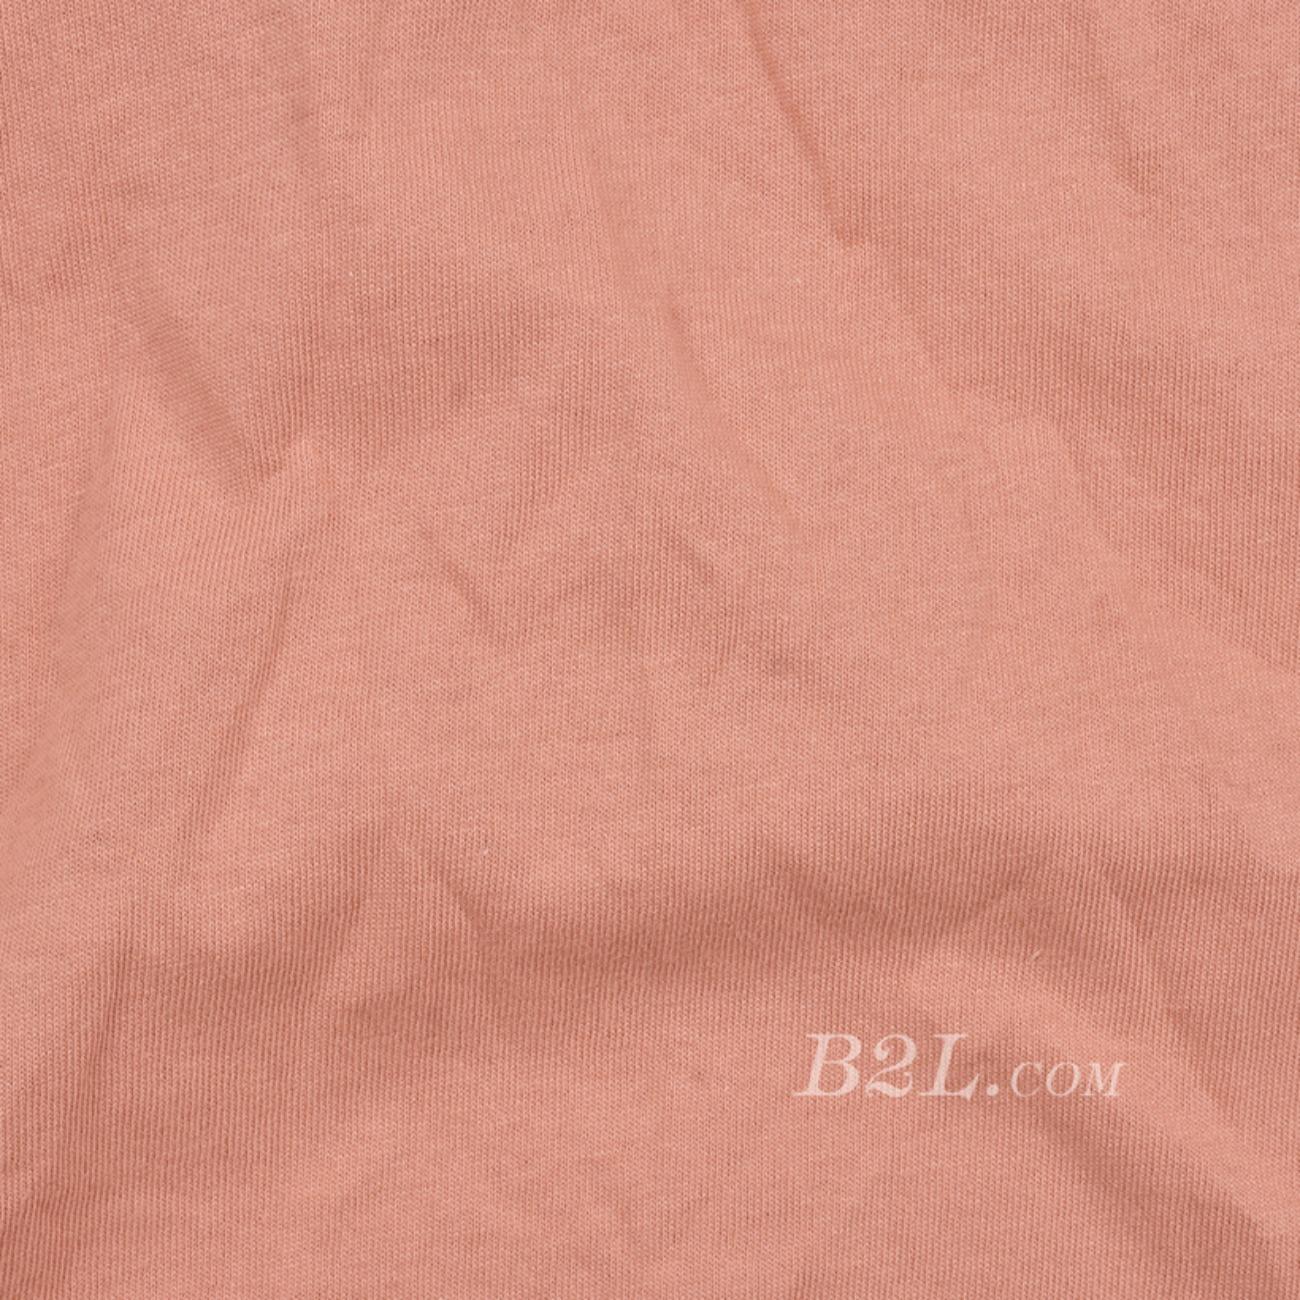 素色 针织 染色 低弹 春秋 连衣裙 时装 90306-28